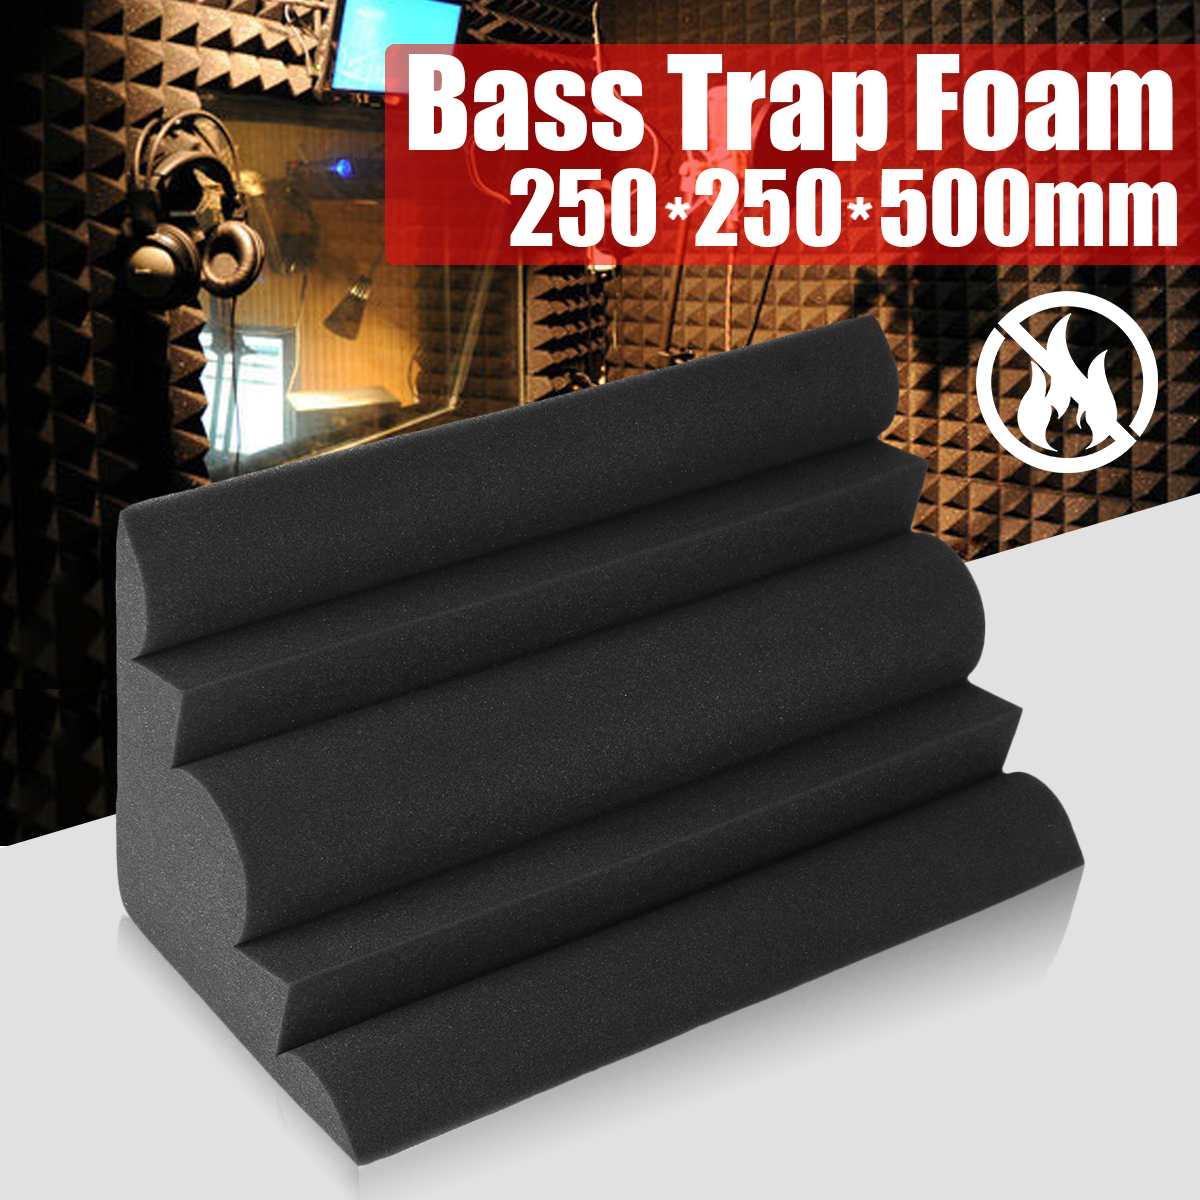 Trampa acústica para bajos de 250x250x500mm, espuma acústica para esponja insonorizada de paredes y esquinas, azulejos de espuma para absorción de habitación de estudio